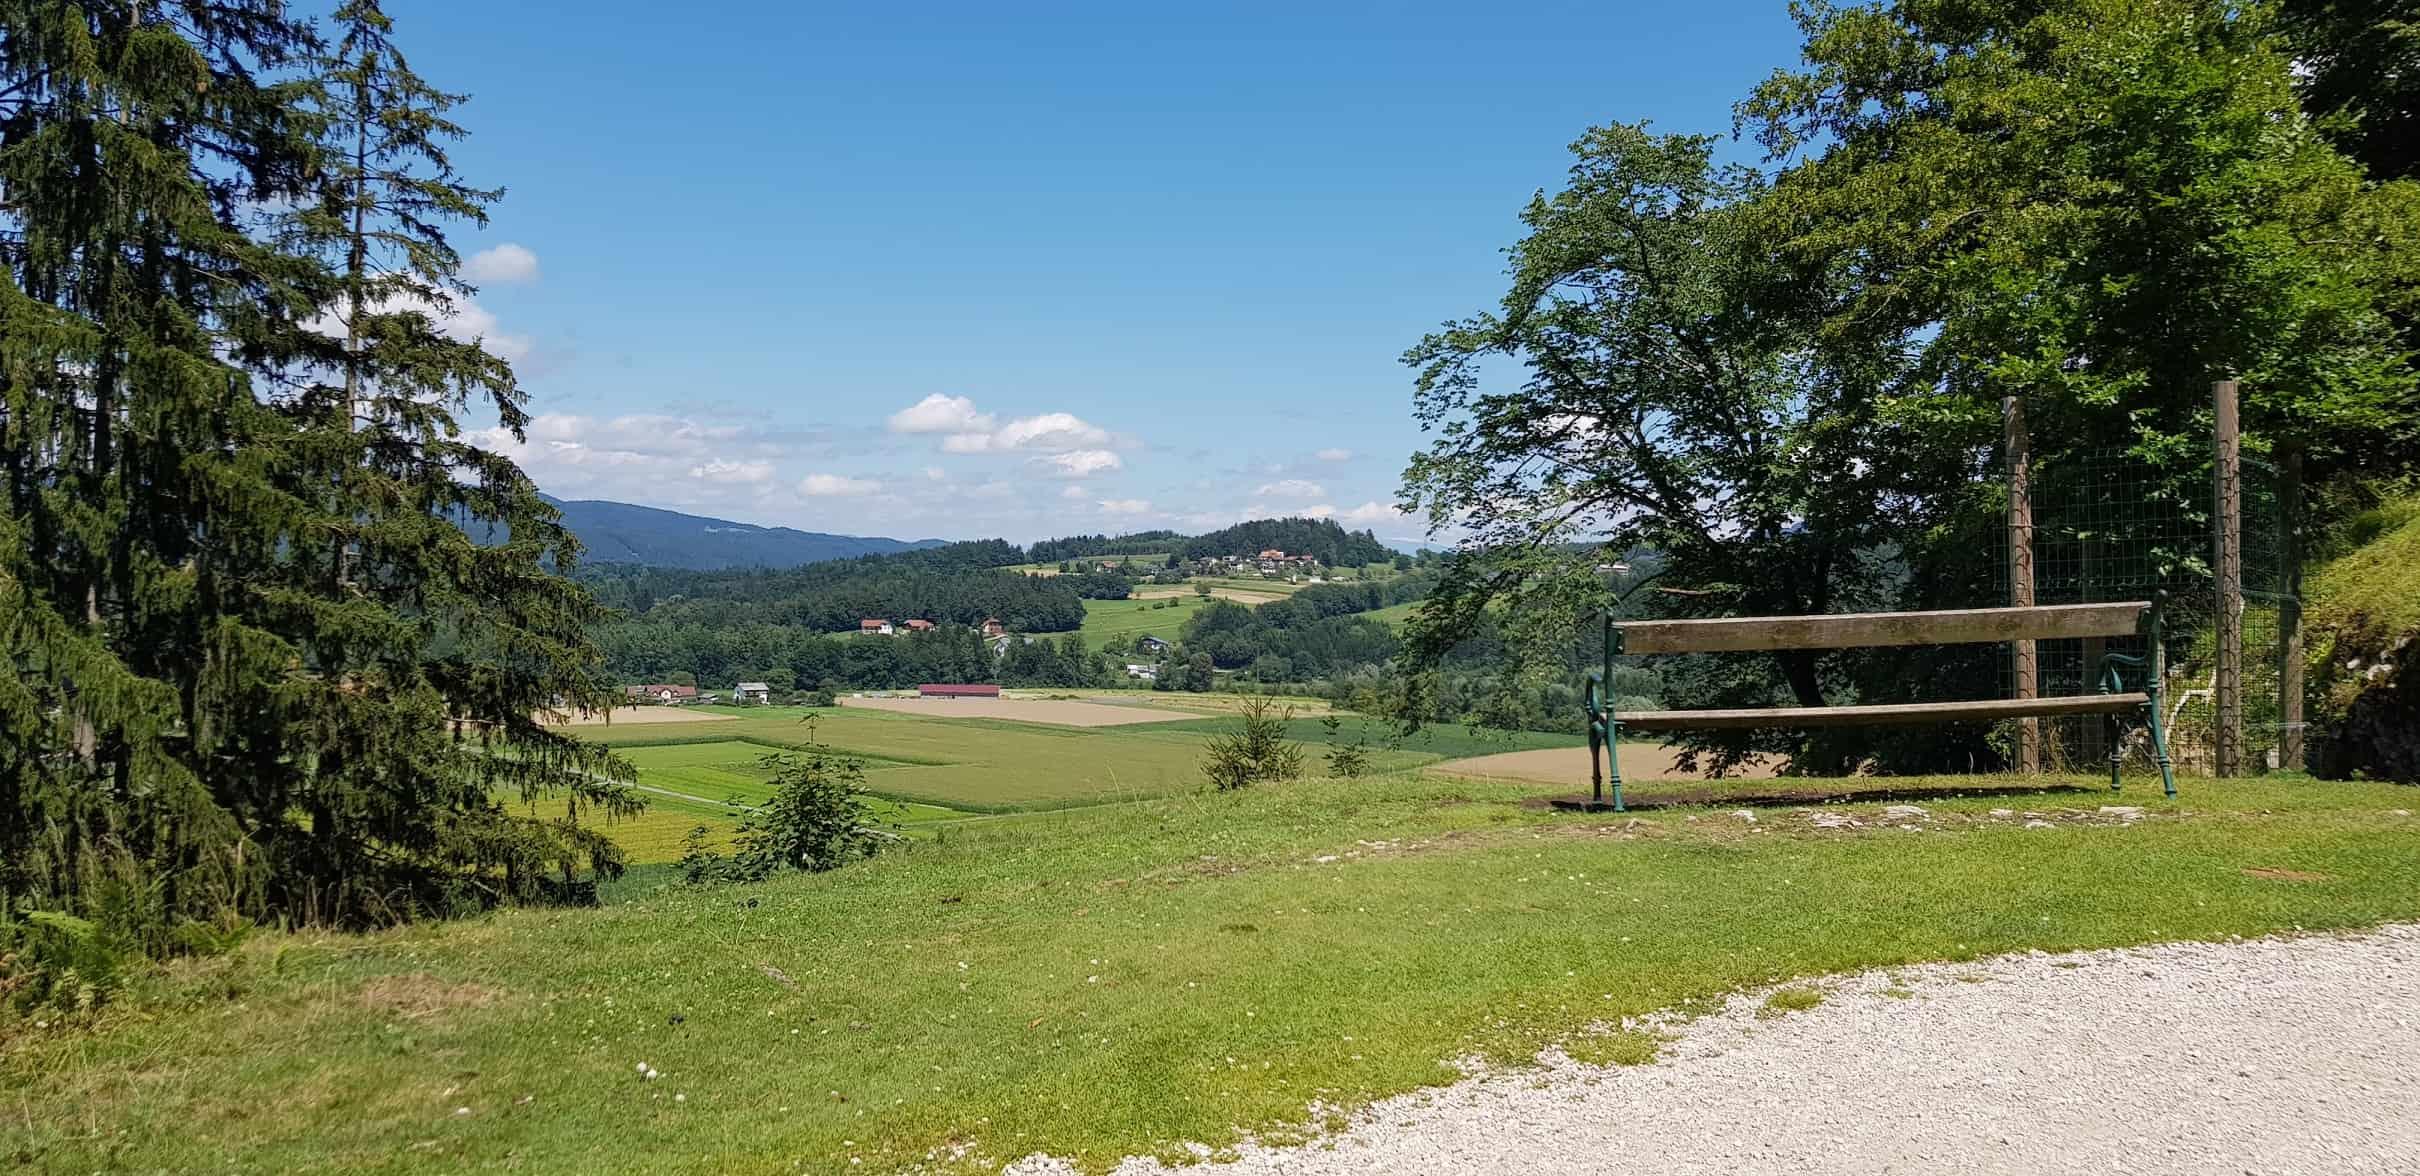 Rastplatz Ausflug Tierpark Rosegg Kärnten